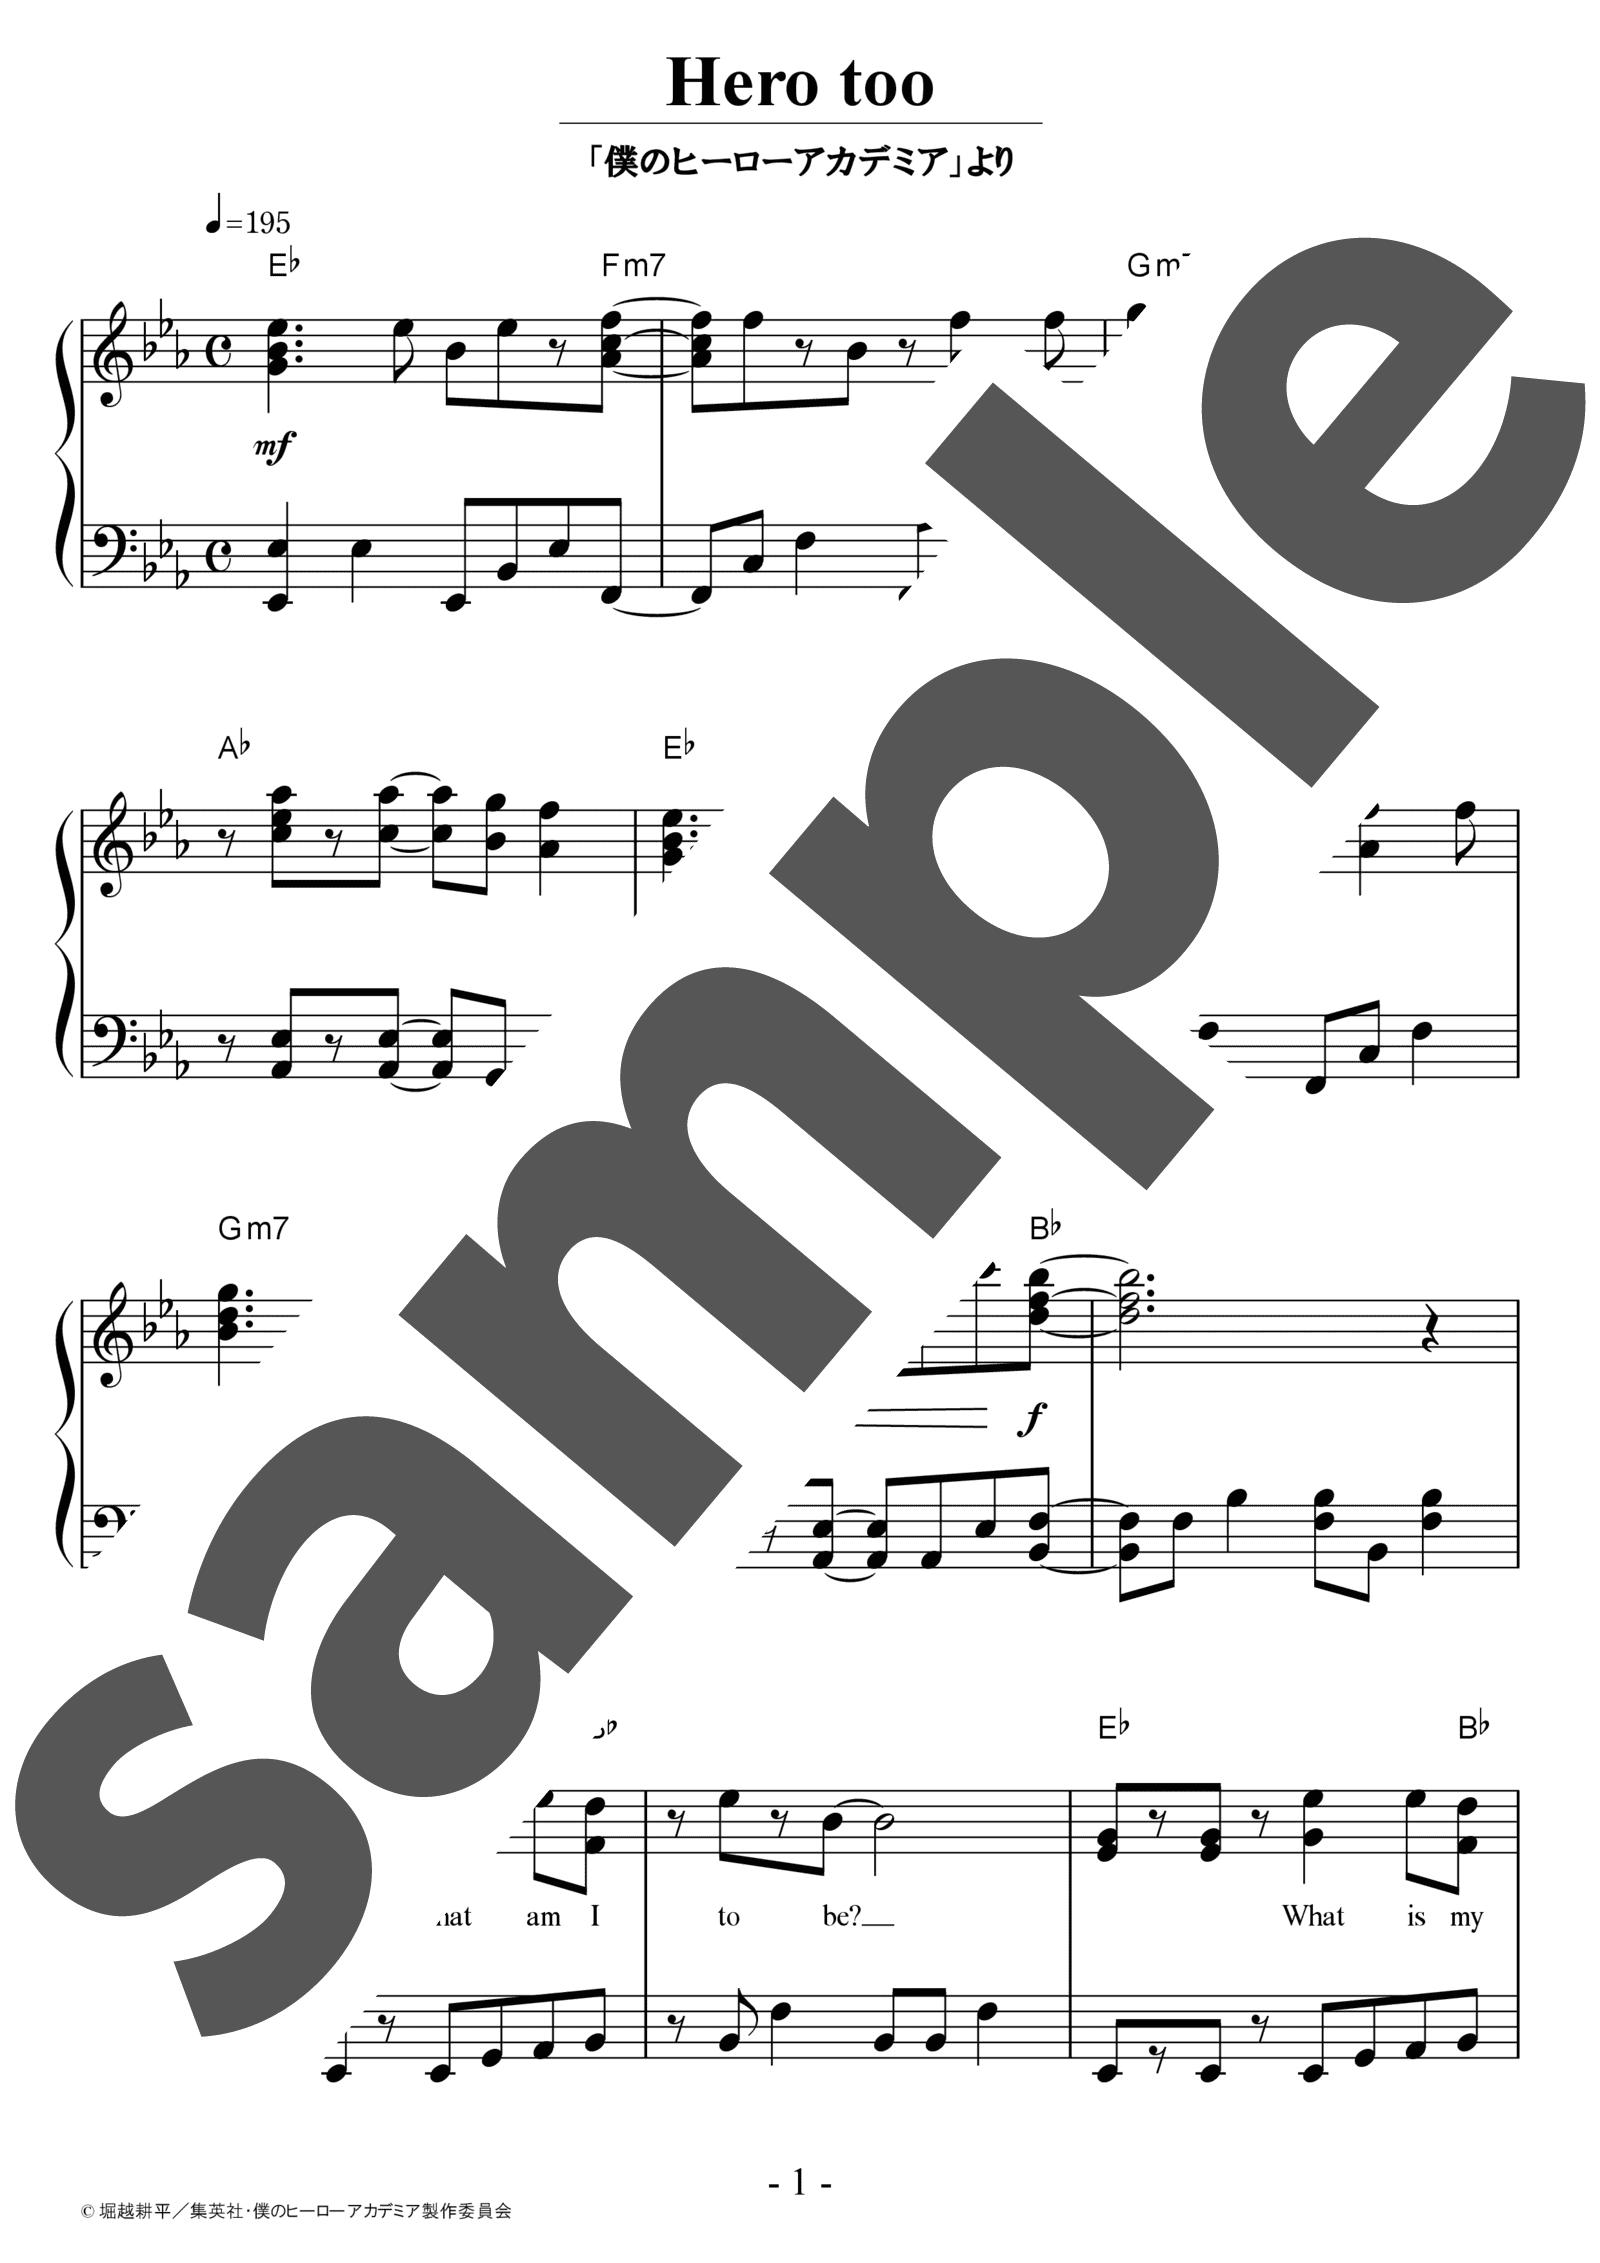 「Hero too」のサンプル楽譜